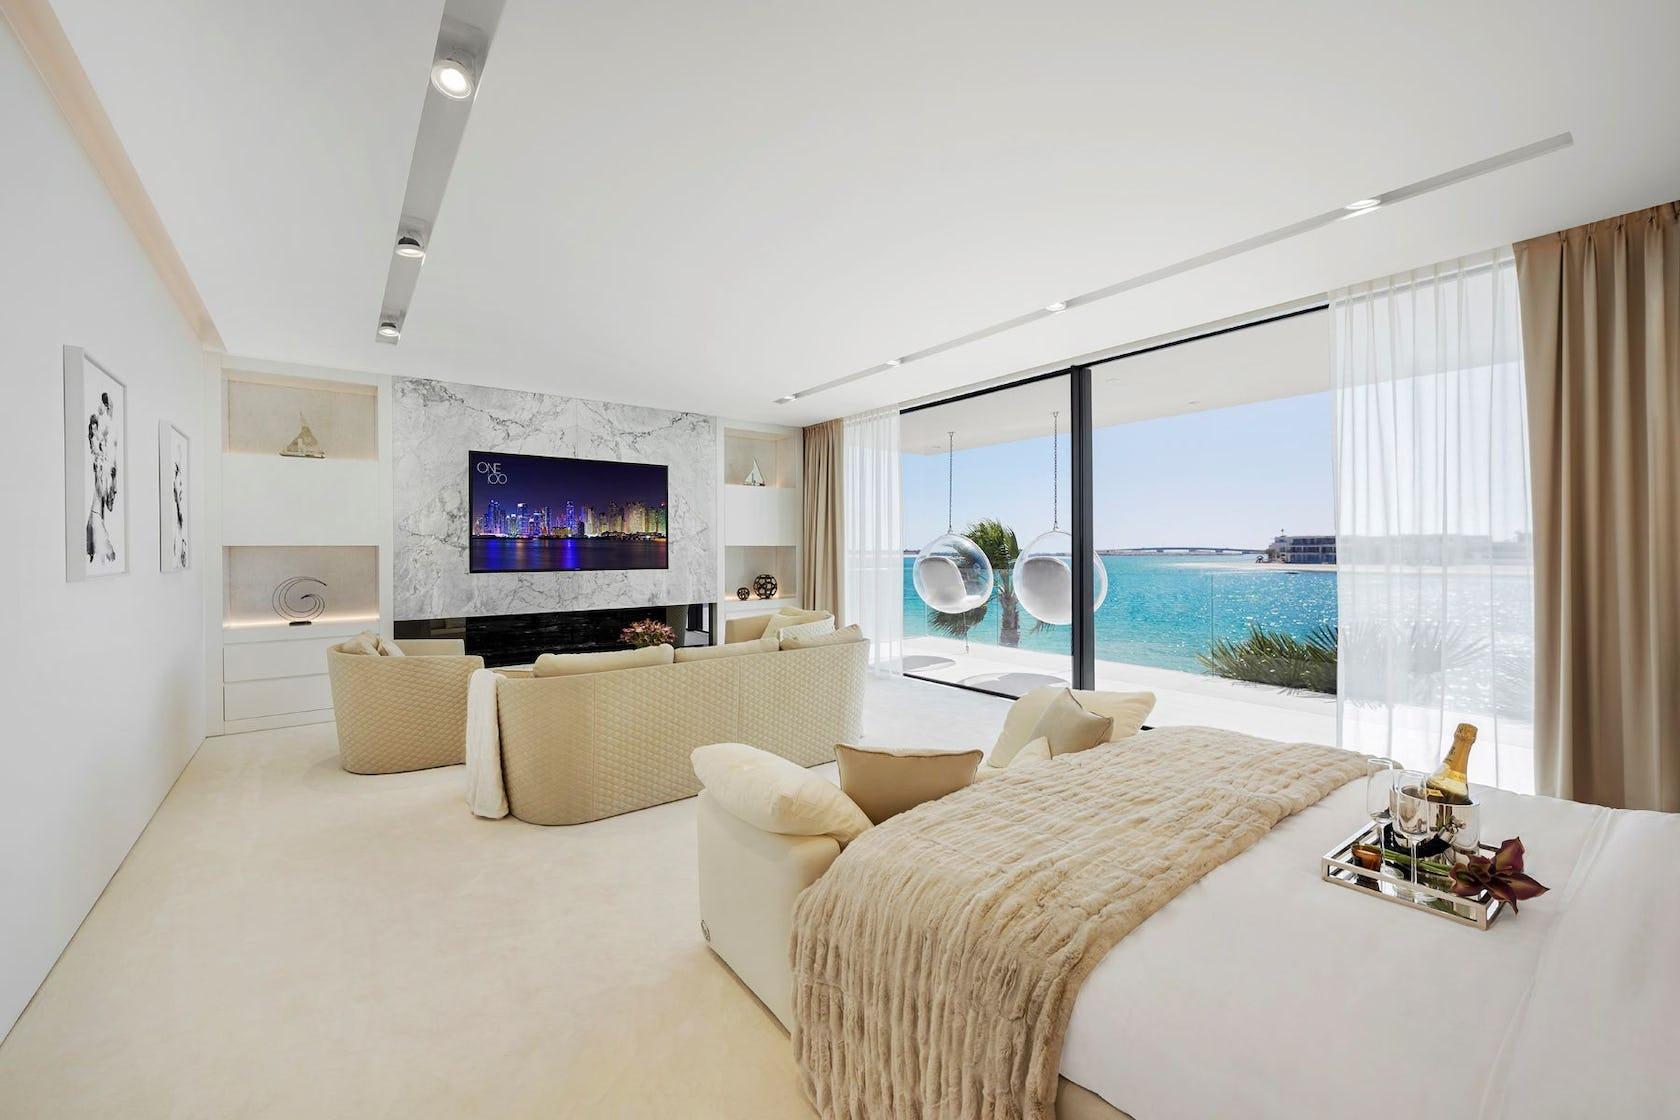 Investir dans l'immobilier de luxe en 2021 : bonne idée ?